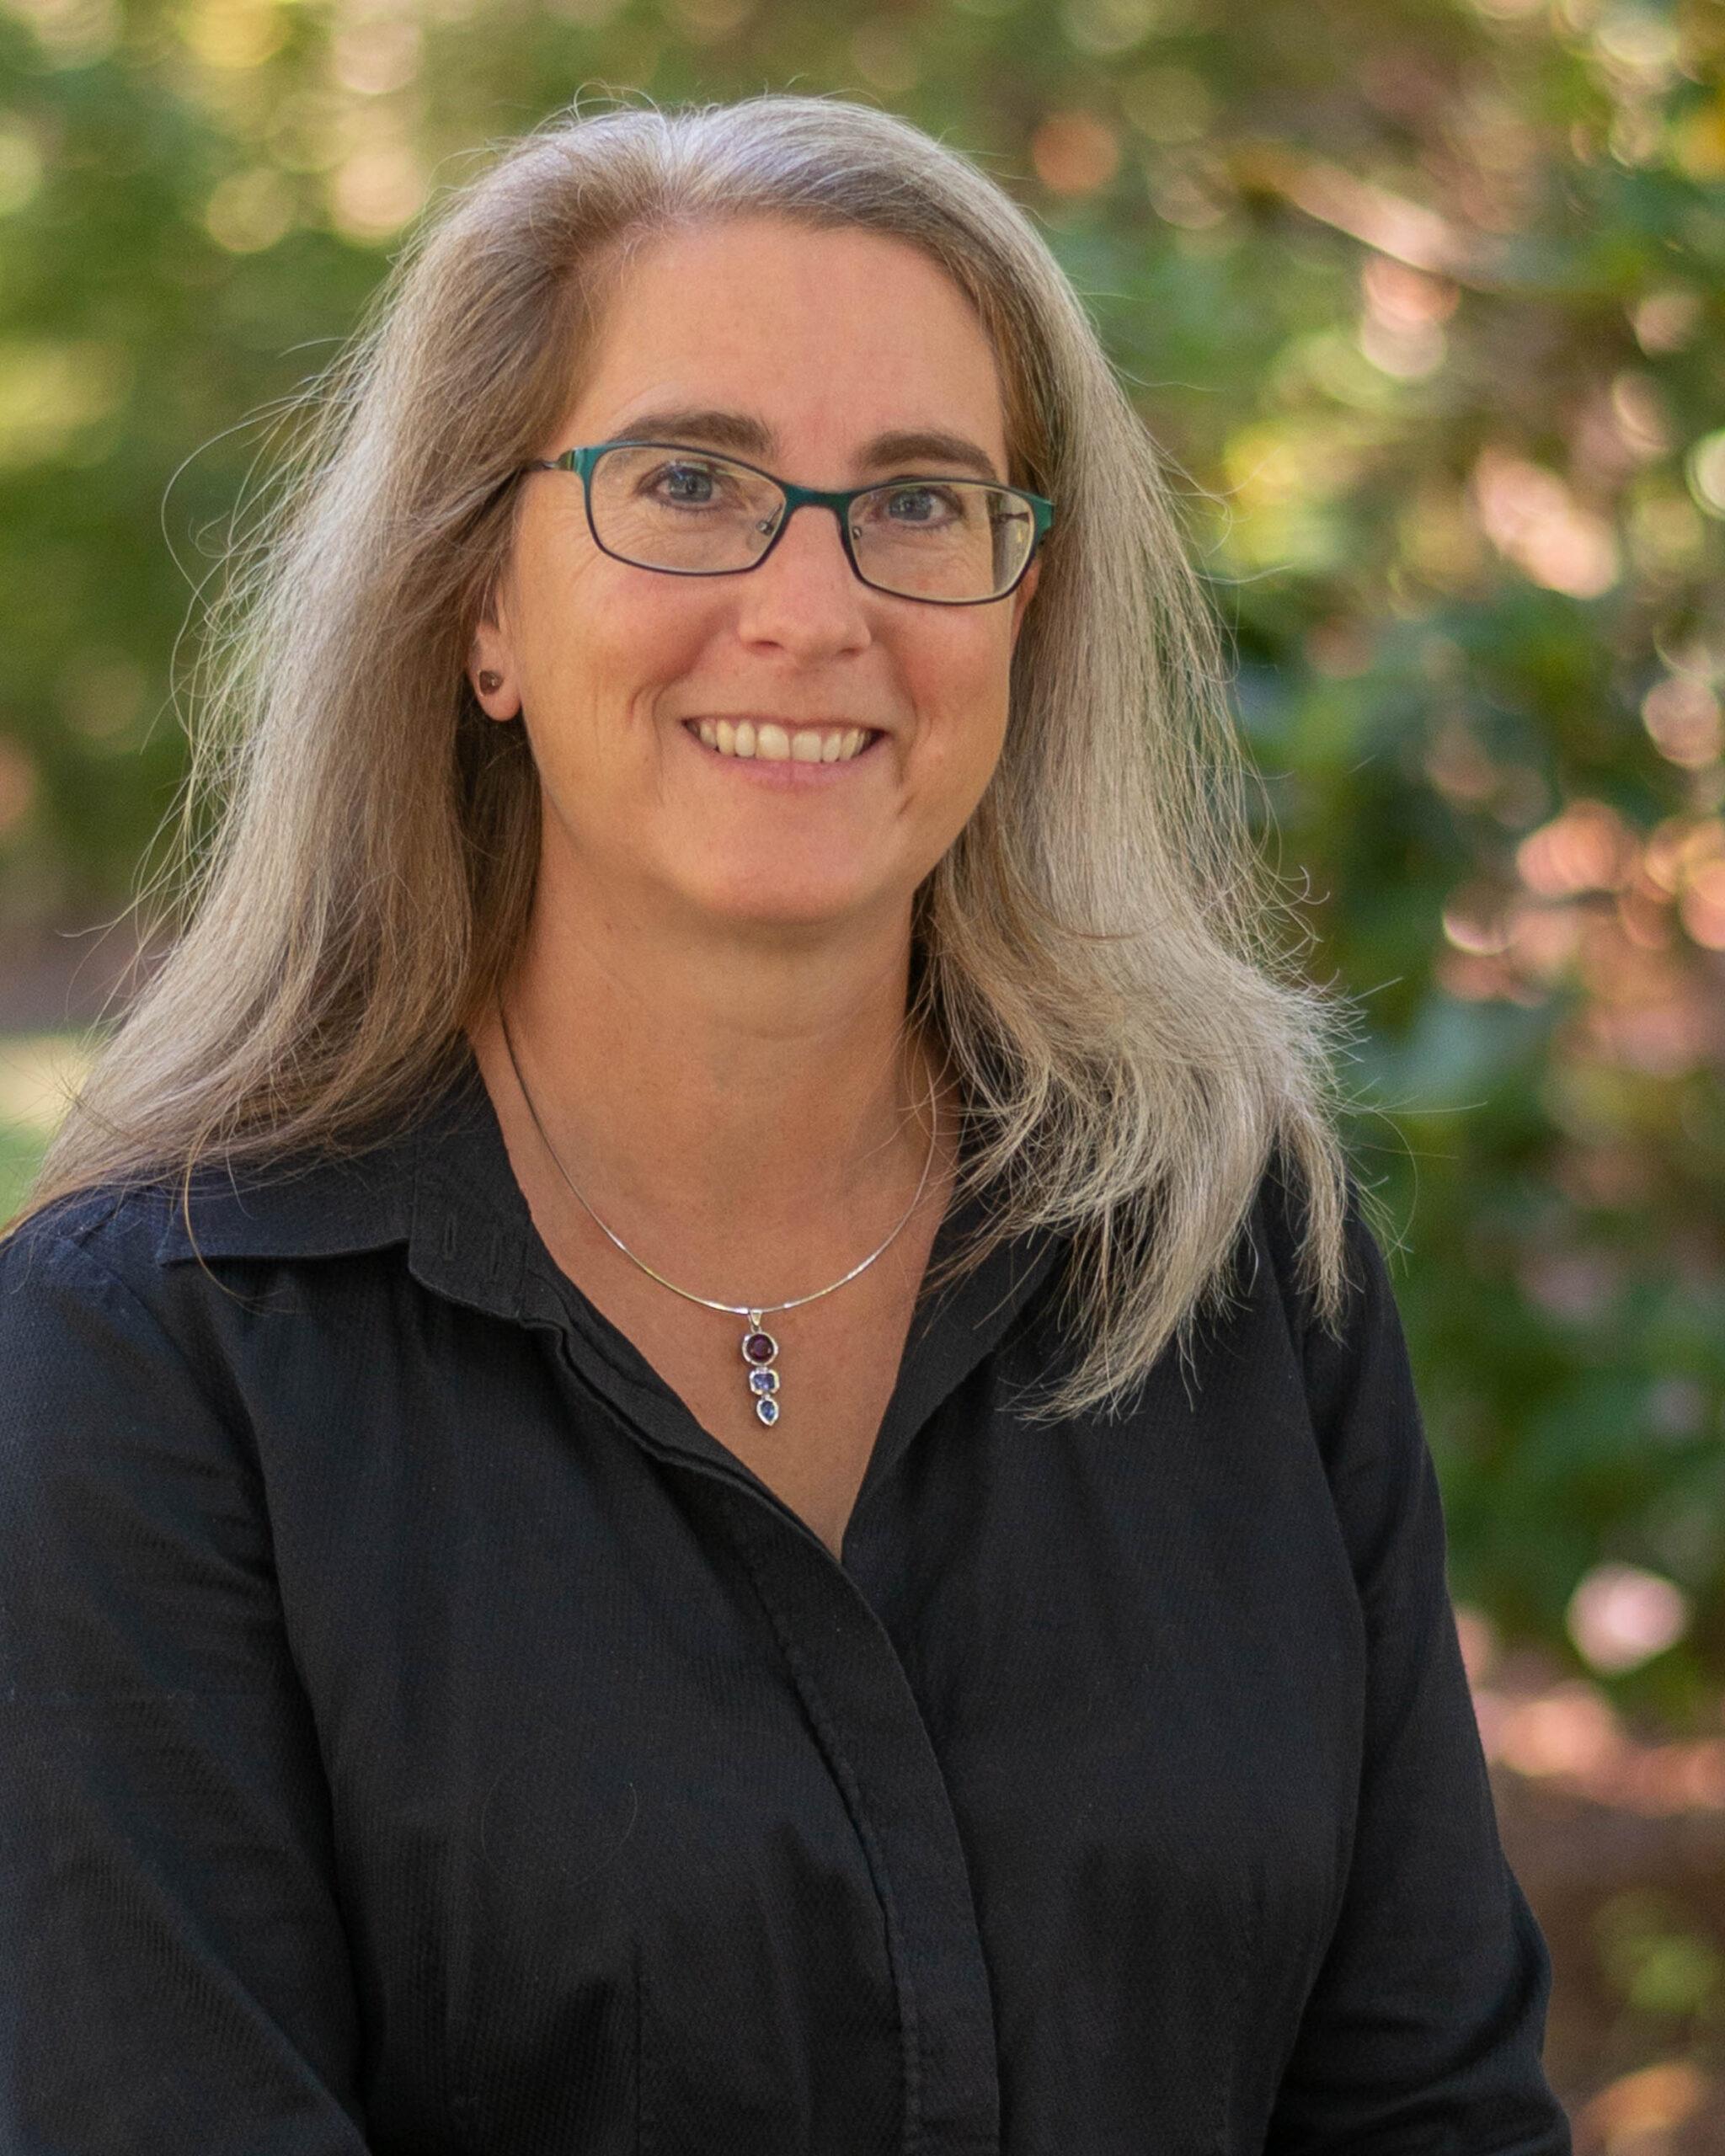 Anita Smyth, PWS